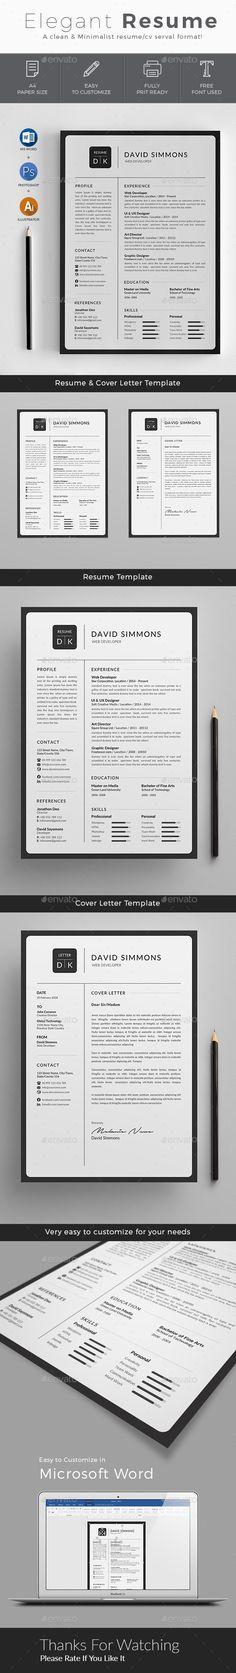 Resume Ai illustrator and Illustrators - illustrator resume templates